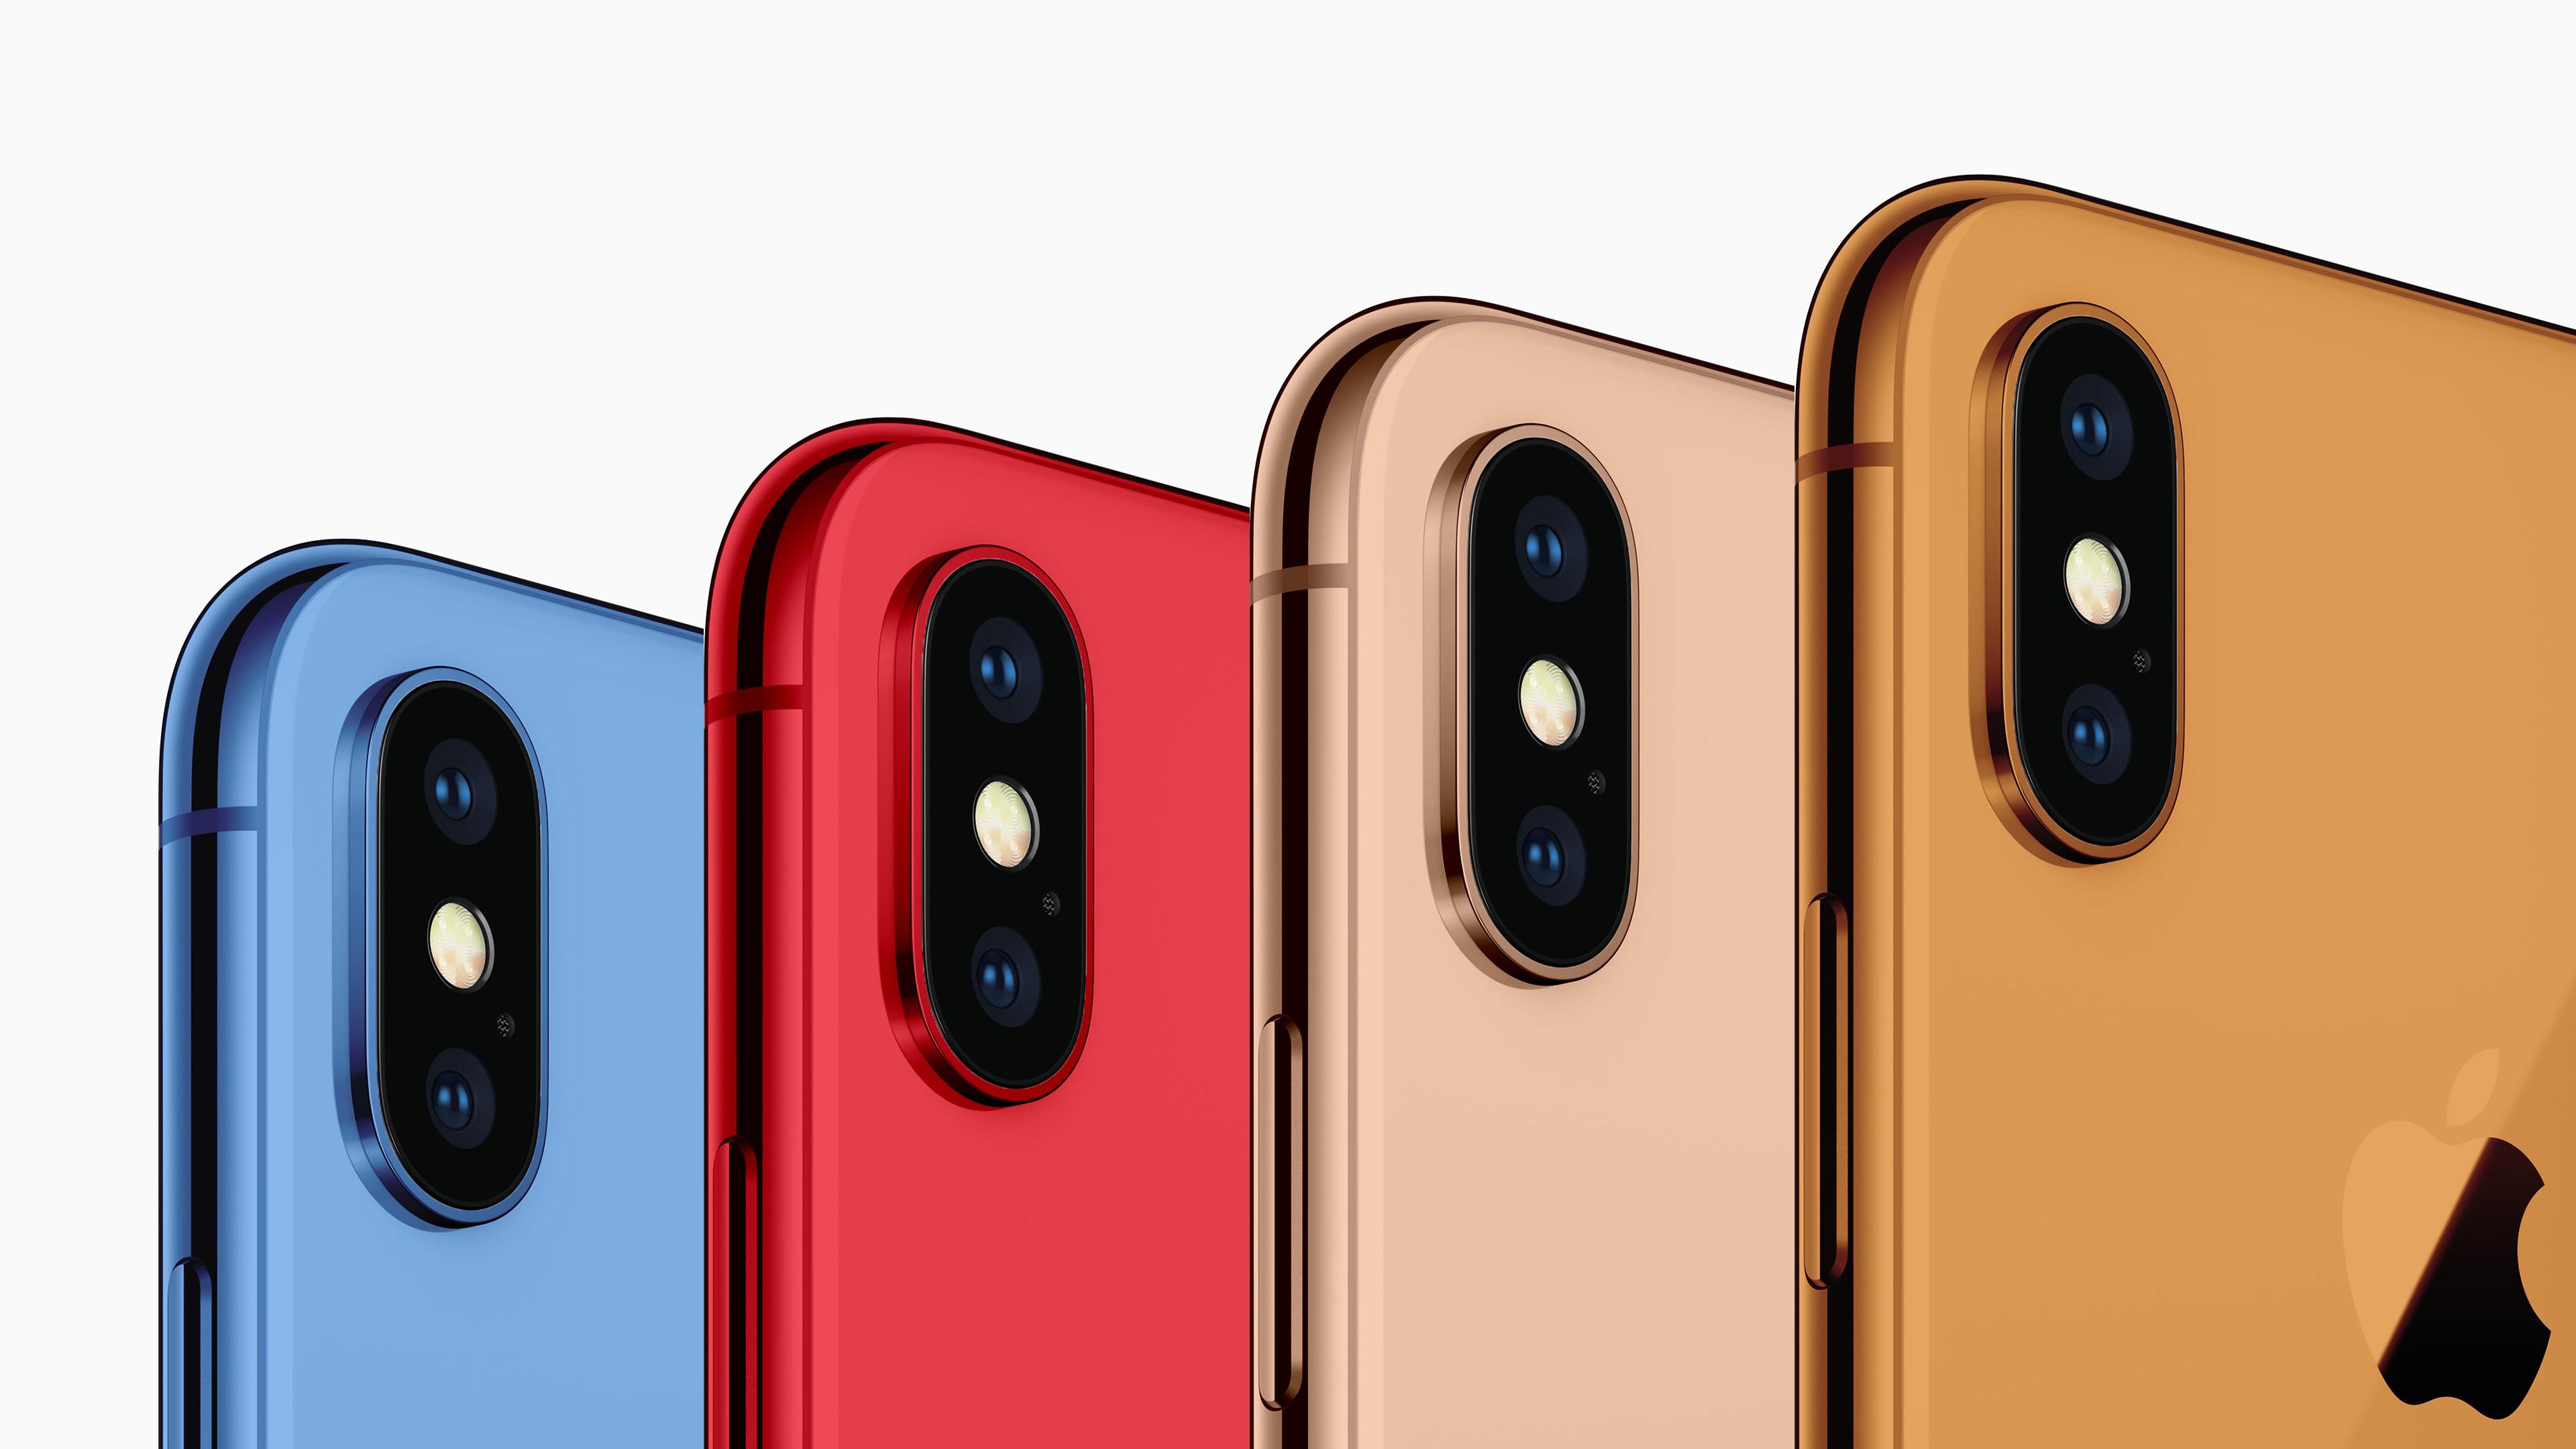 Los nuevos iPhone de 2018 llegarán con colores renovados